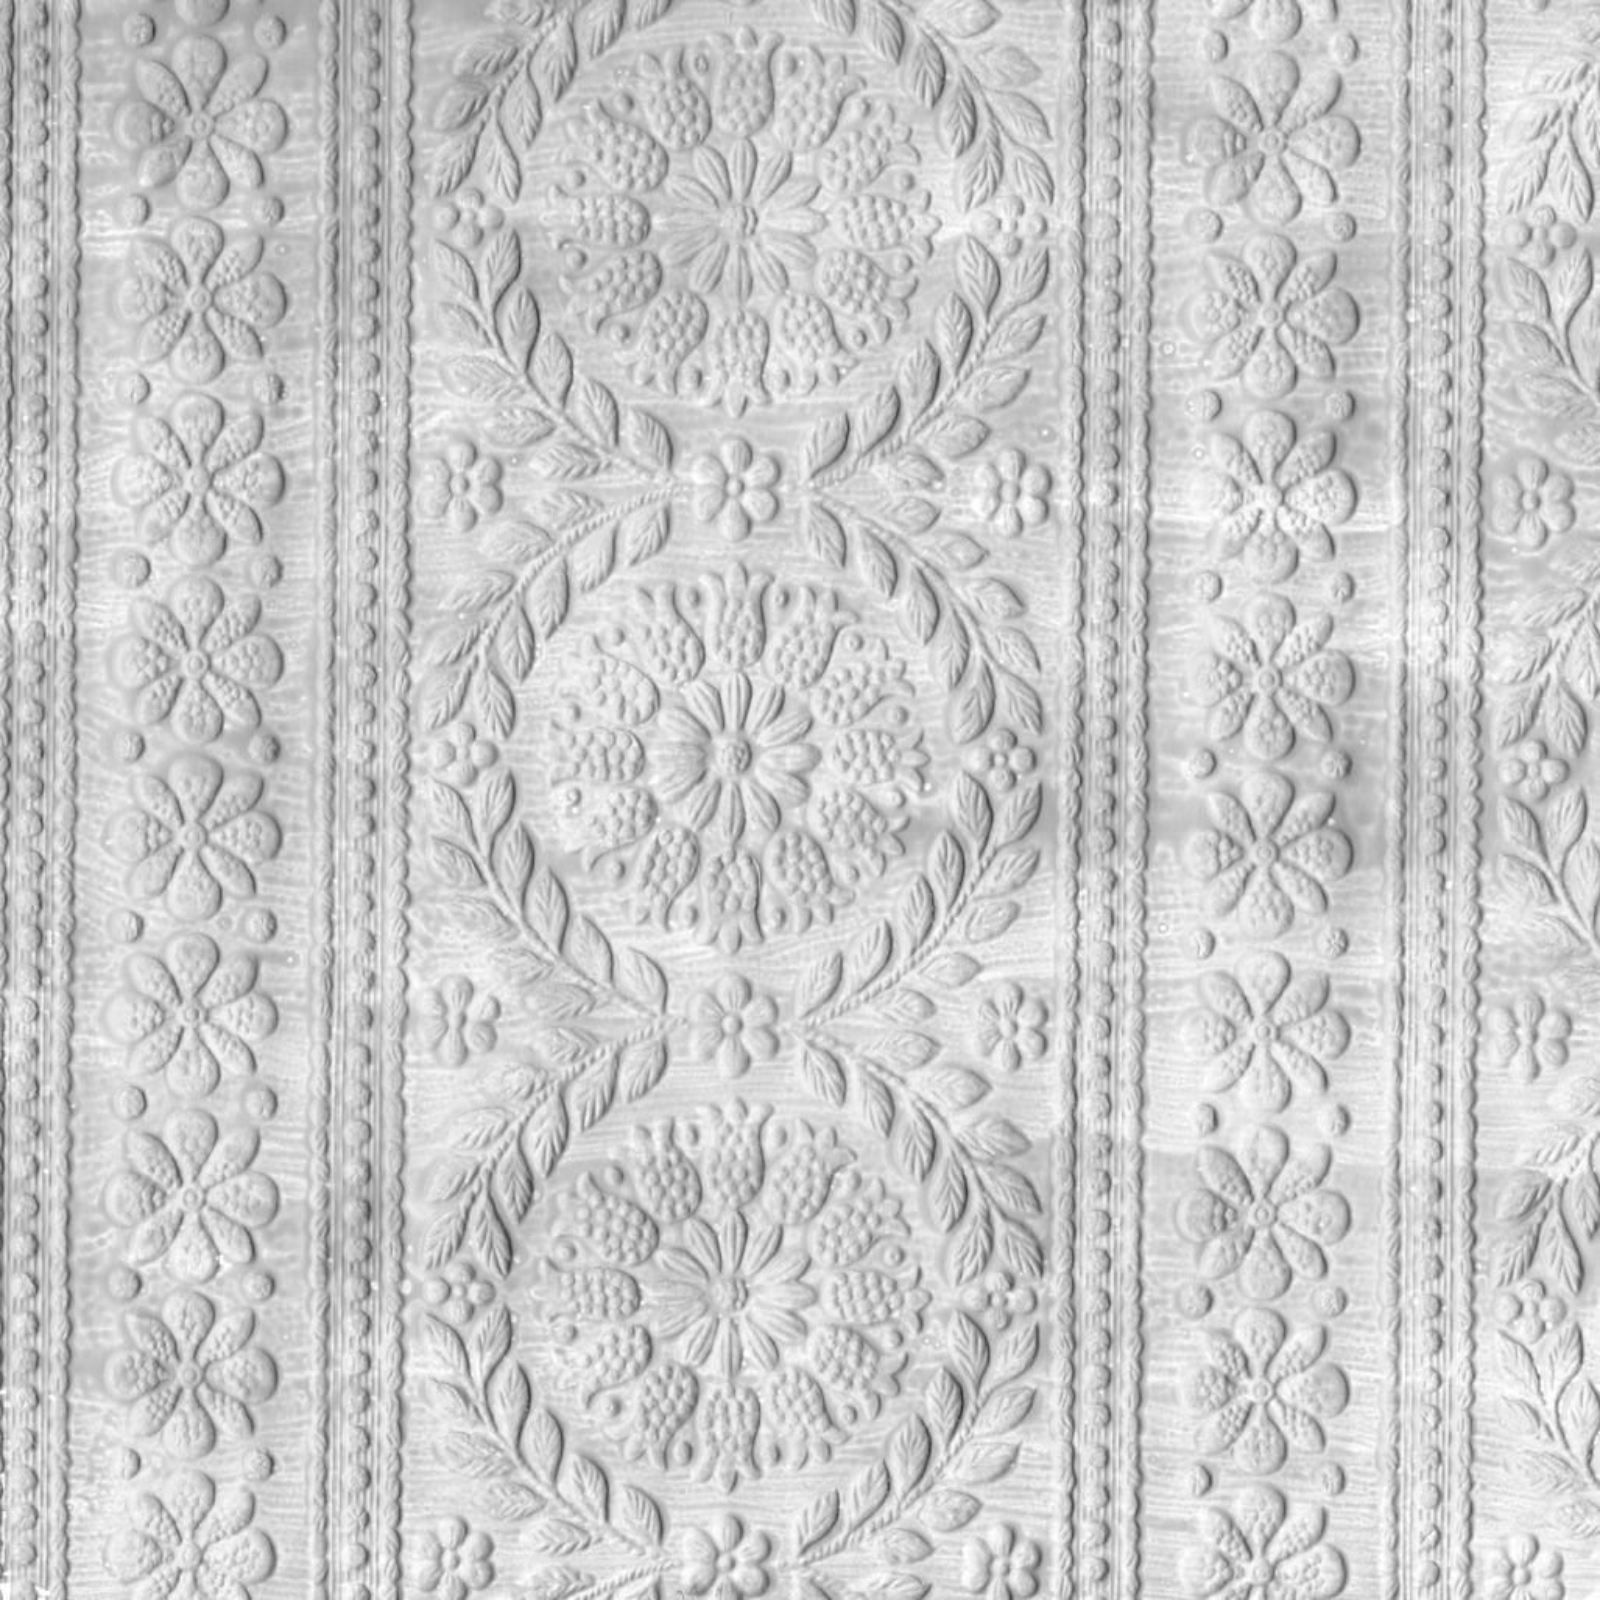 anaglypta wallpaper ve340 anaglypta and lincrusta